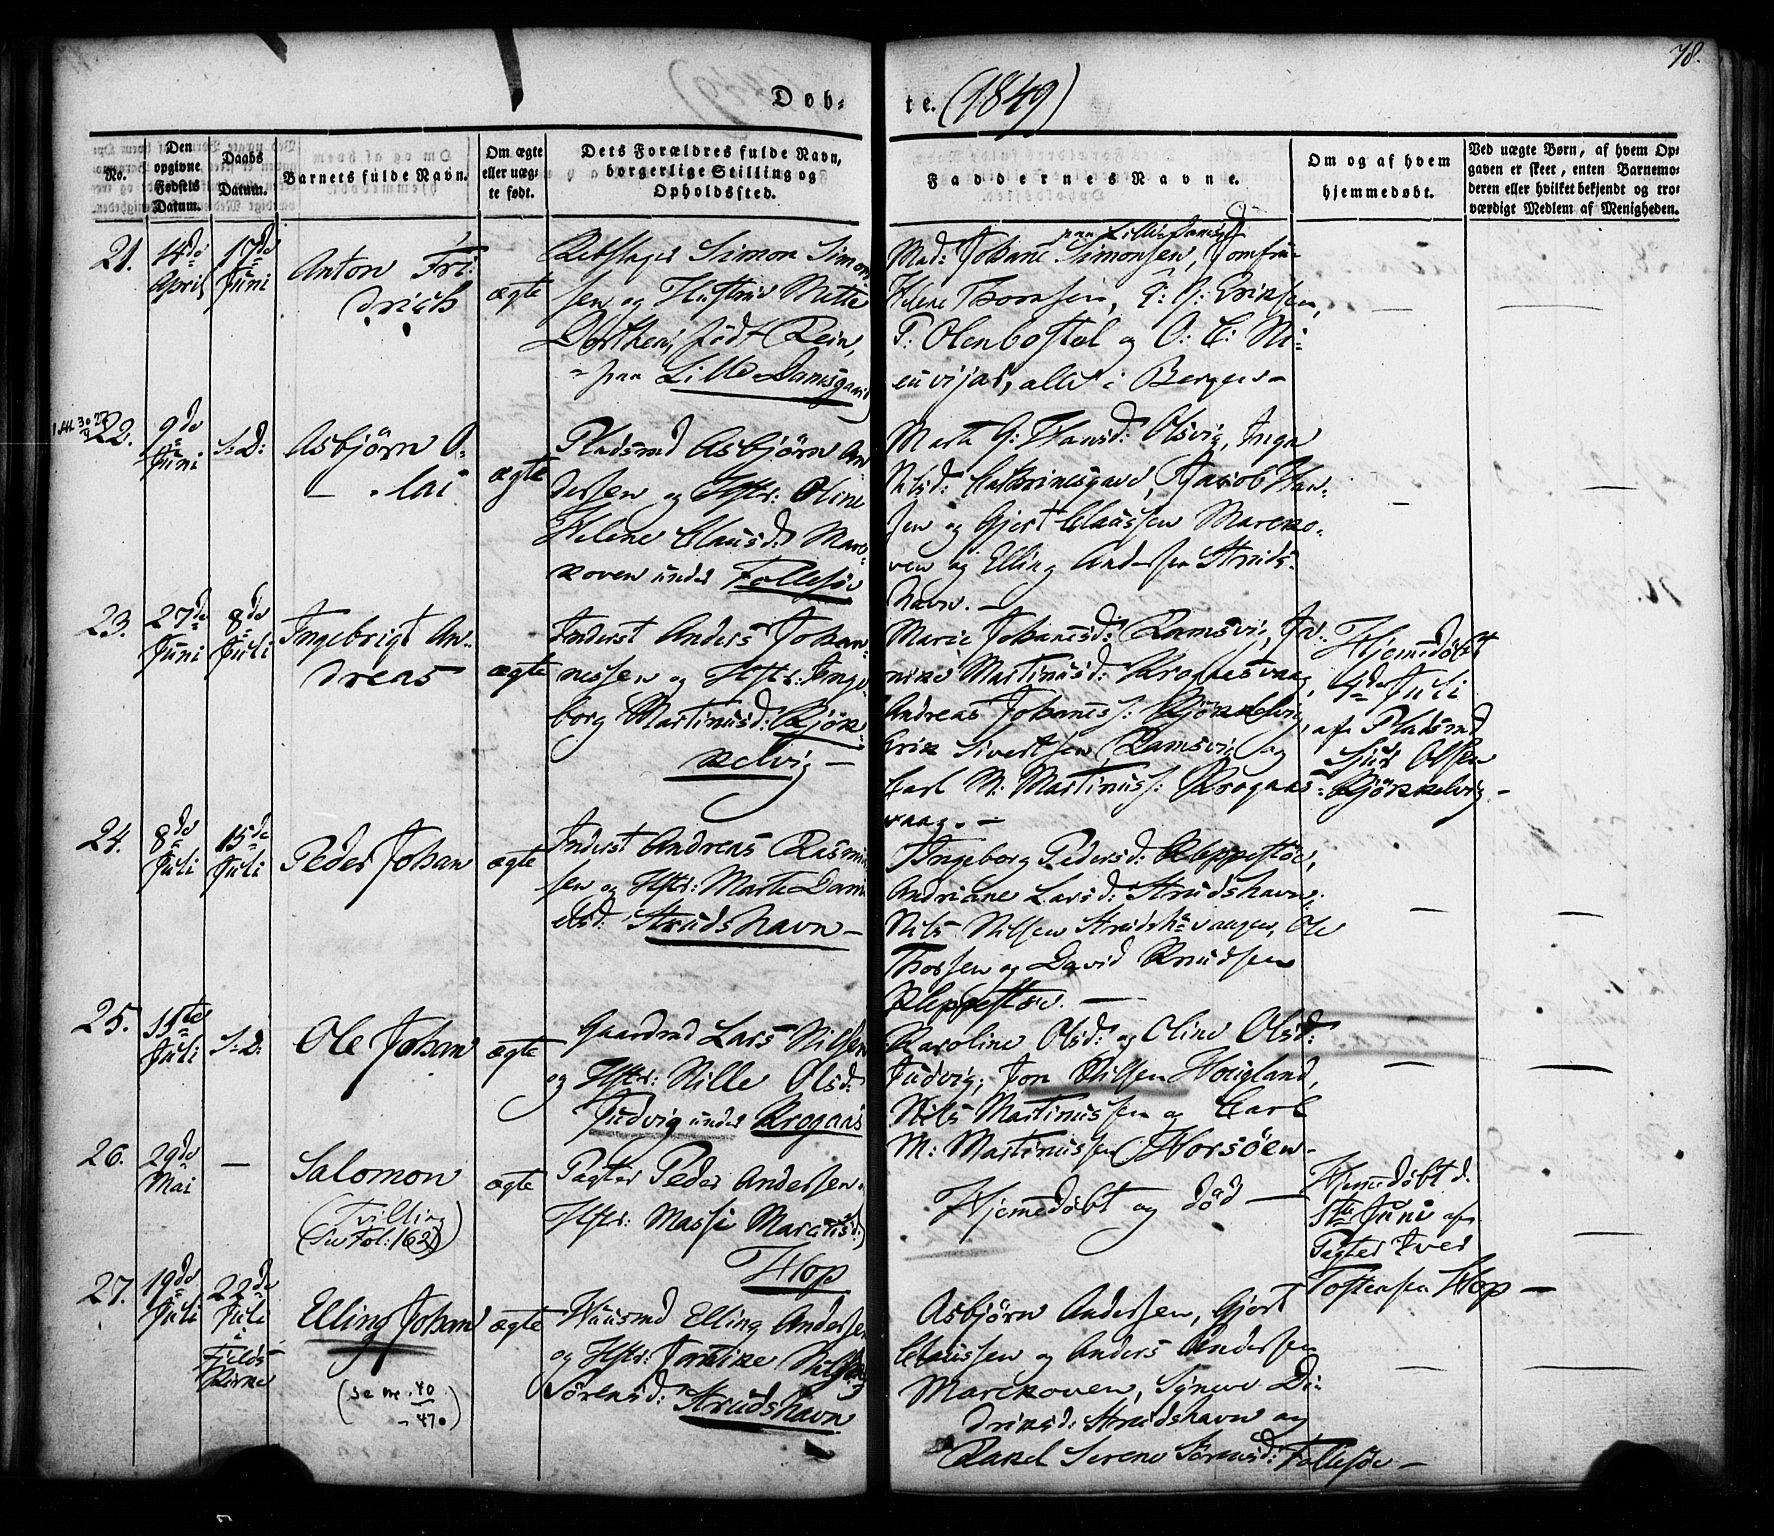 SAB, Askøy Sokneprestembete, H/Ha/Haa/Haaa/L0005: Ministerialbok nr. A 5, 1836-1852, s. 78